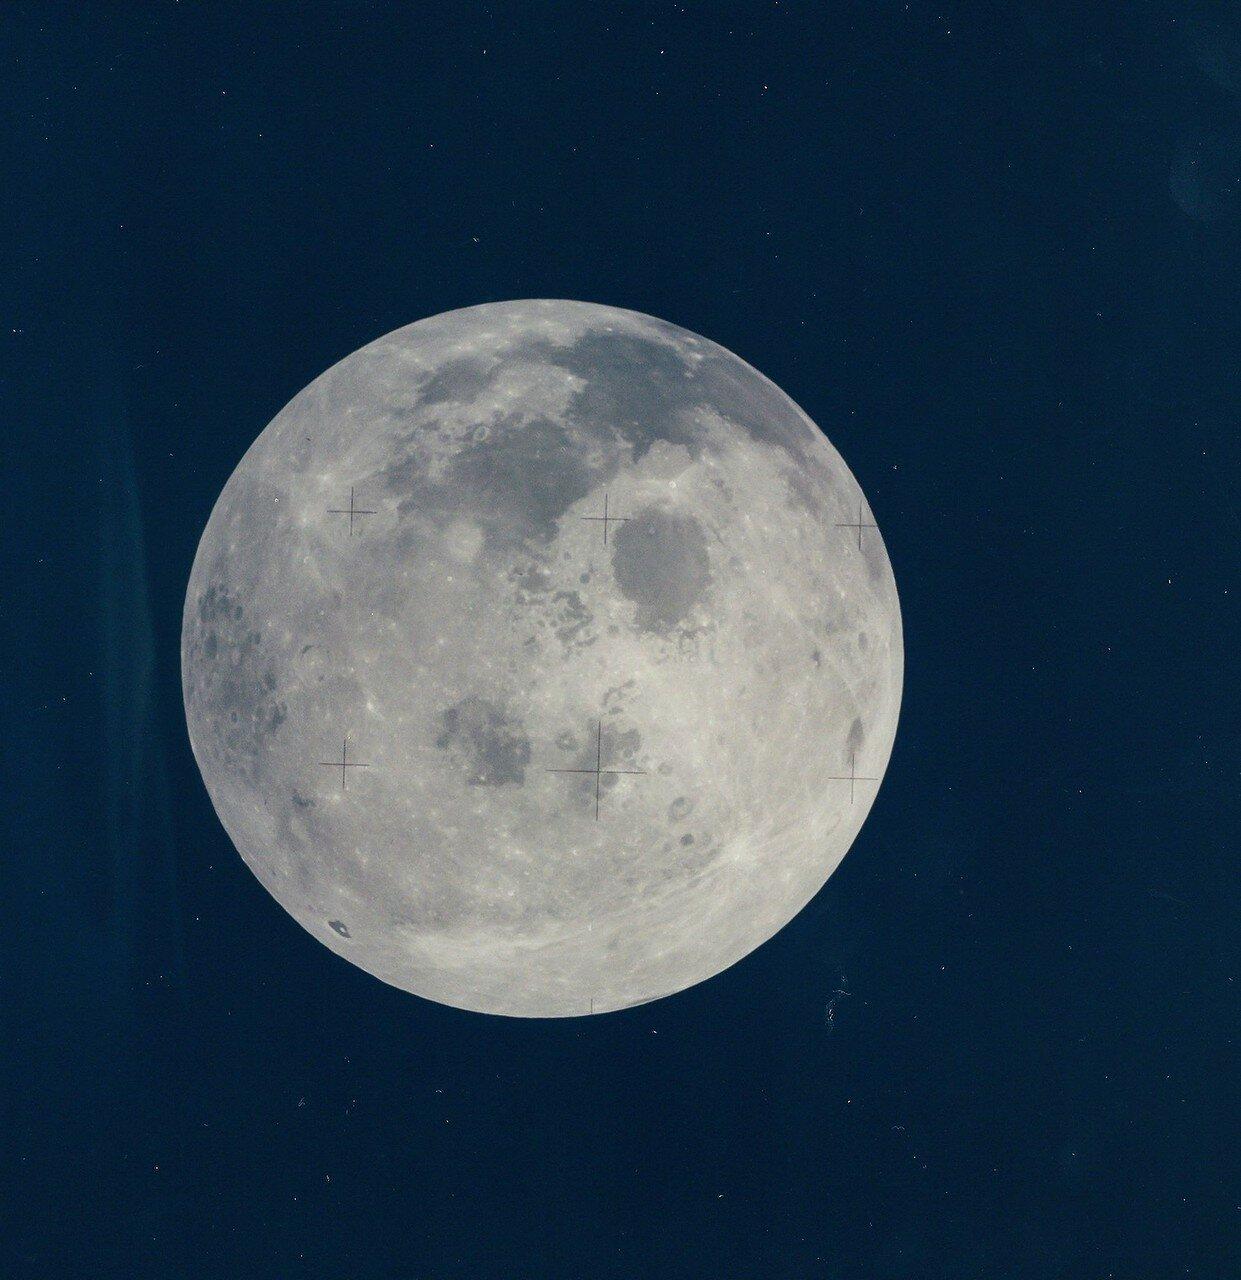 Третья ступень «Сатурна», по команде с Земли, тоже совершила манёвр: она была нацелена на поверхность Луны, примерно в 120 милях от места посадки предыдущей лунной миссии. На снимке: Полная Луна